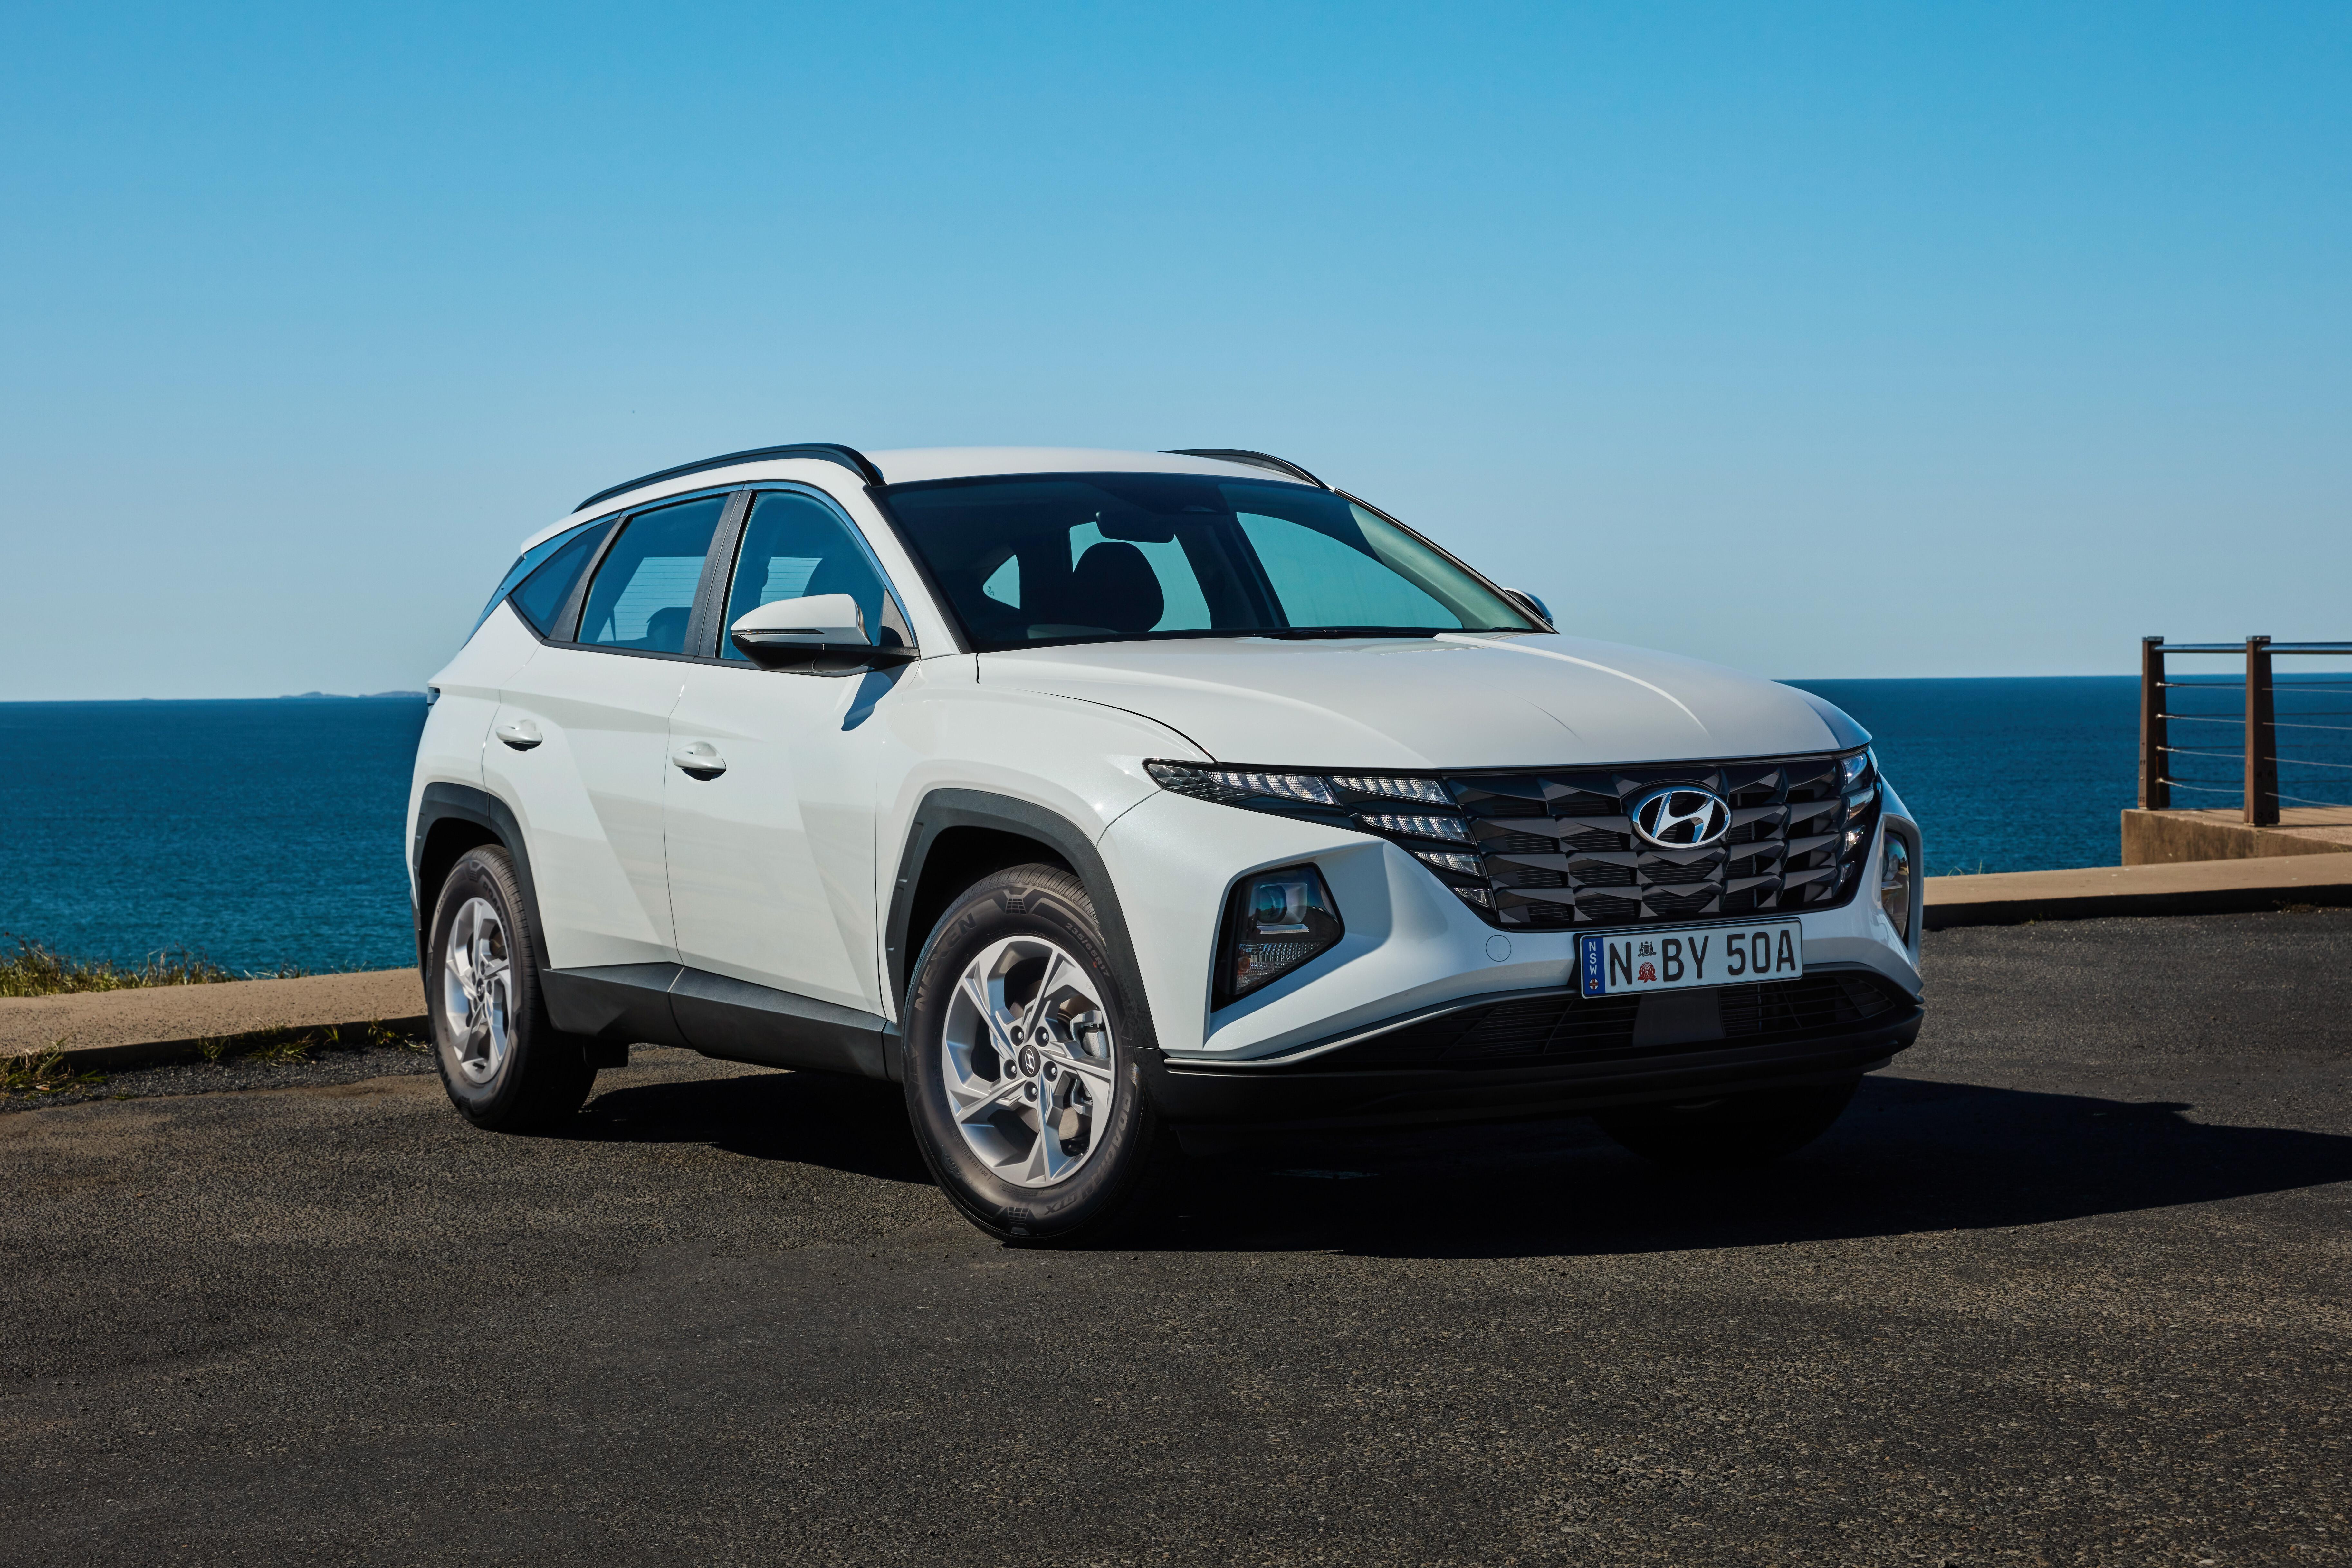 2022 Hyundai Tucson (base model)